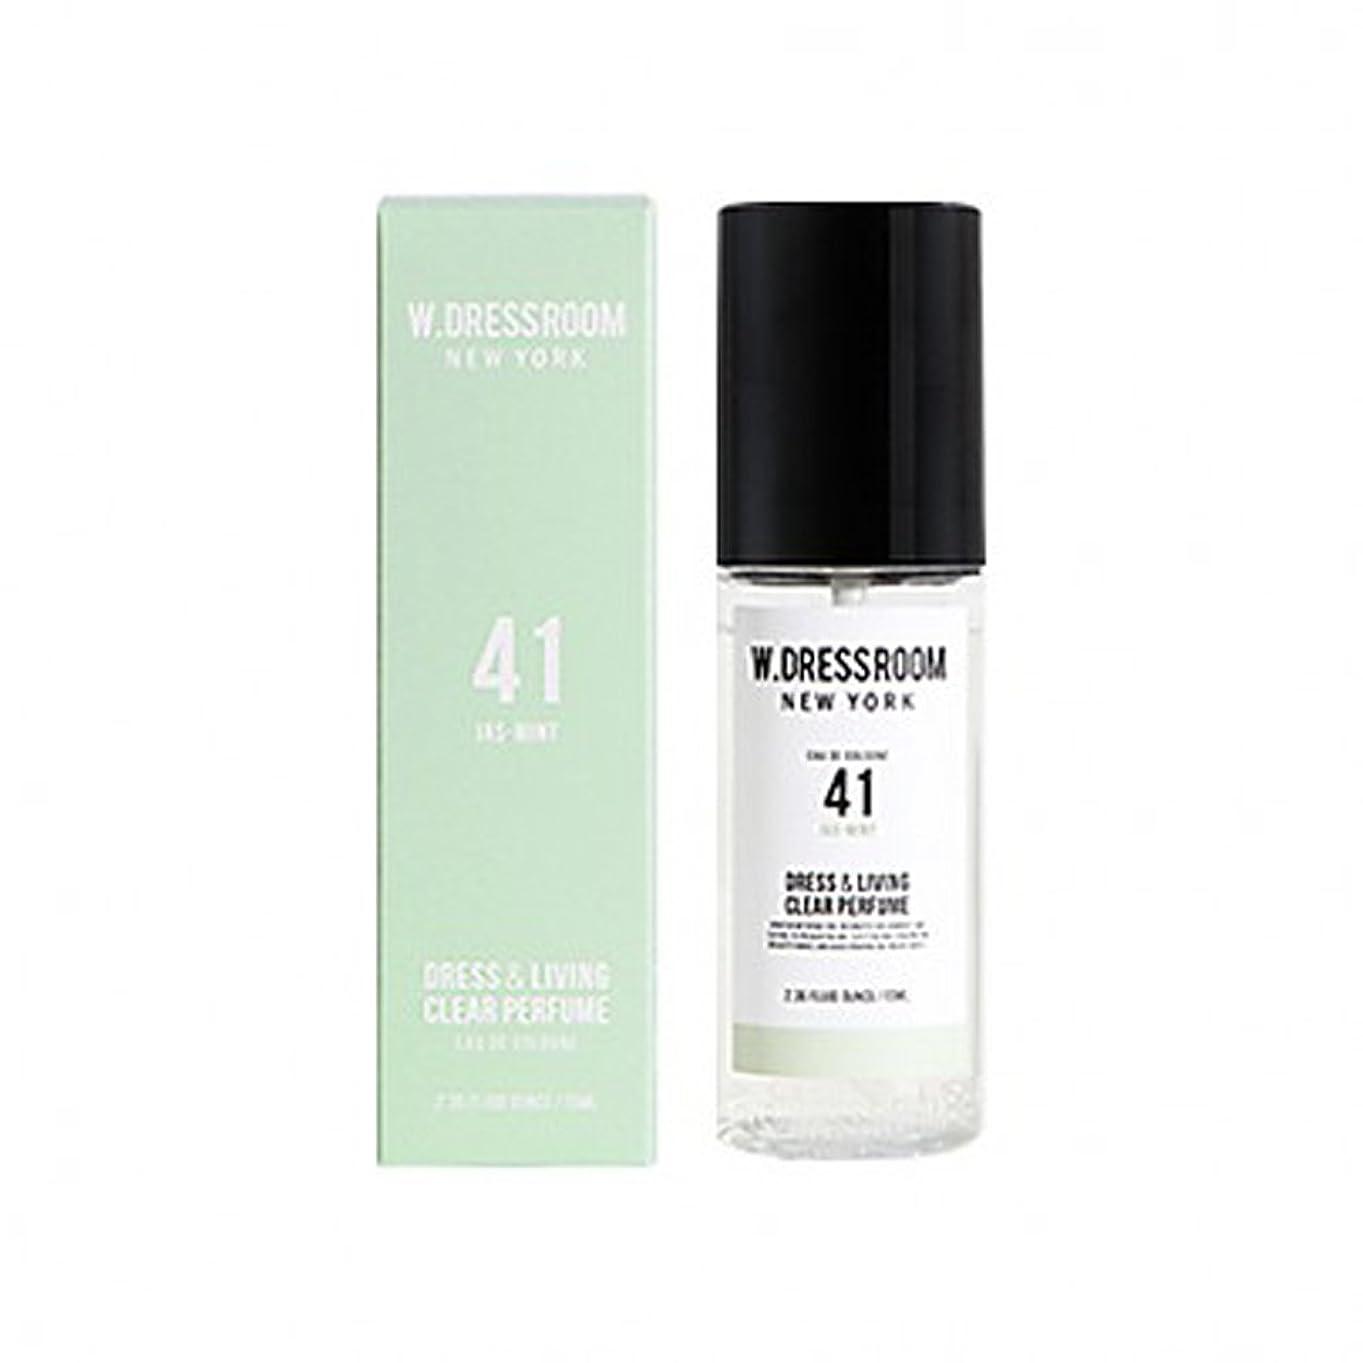 不透明なリーク約束するW.DRESSROOM Dress & Living Clear Perfume fragrance 70ml (#No.41 Jas-Mint)/ダブルドレスルーム ドレス&リビング クリア パフューム 70ml (#No.41 Jas-Mint)